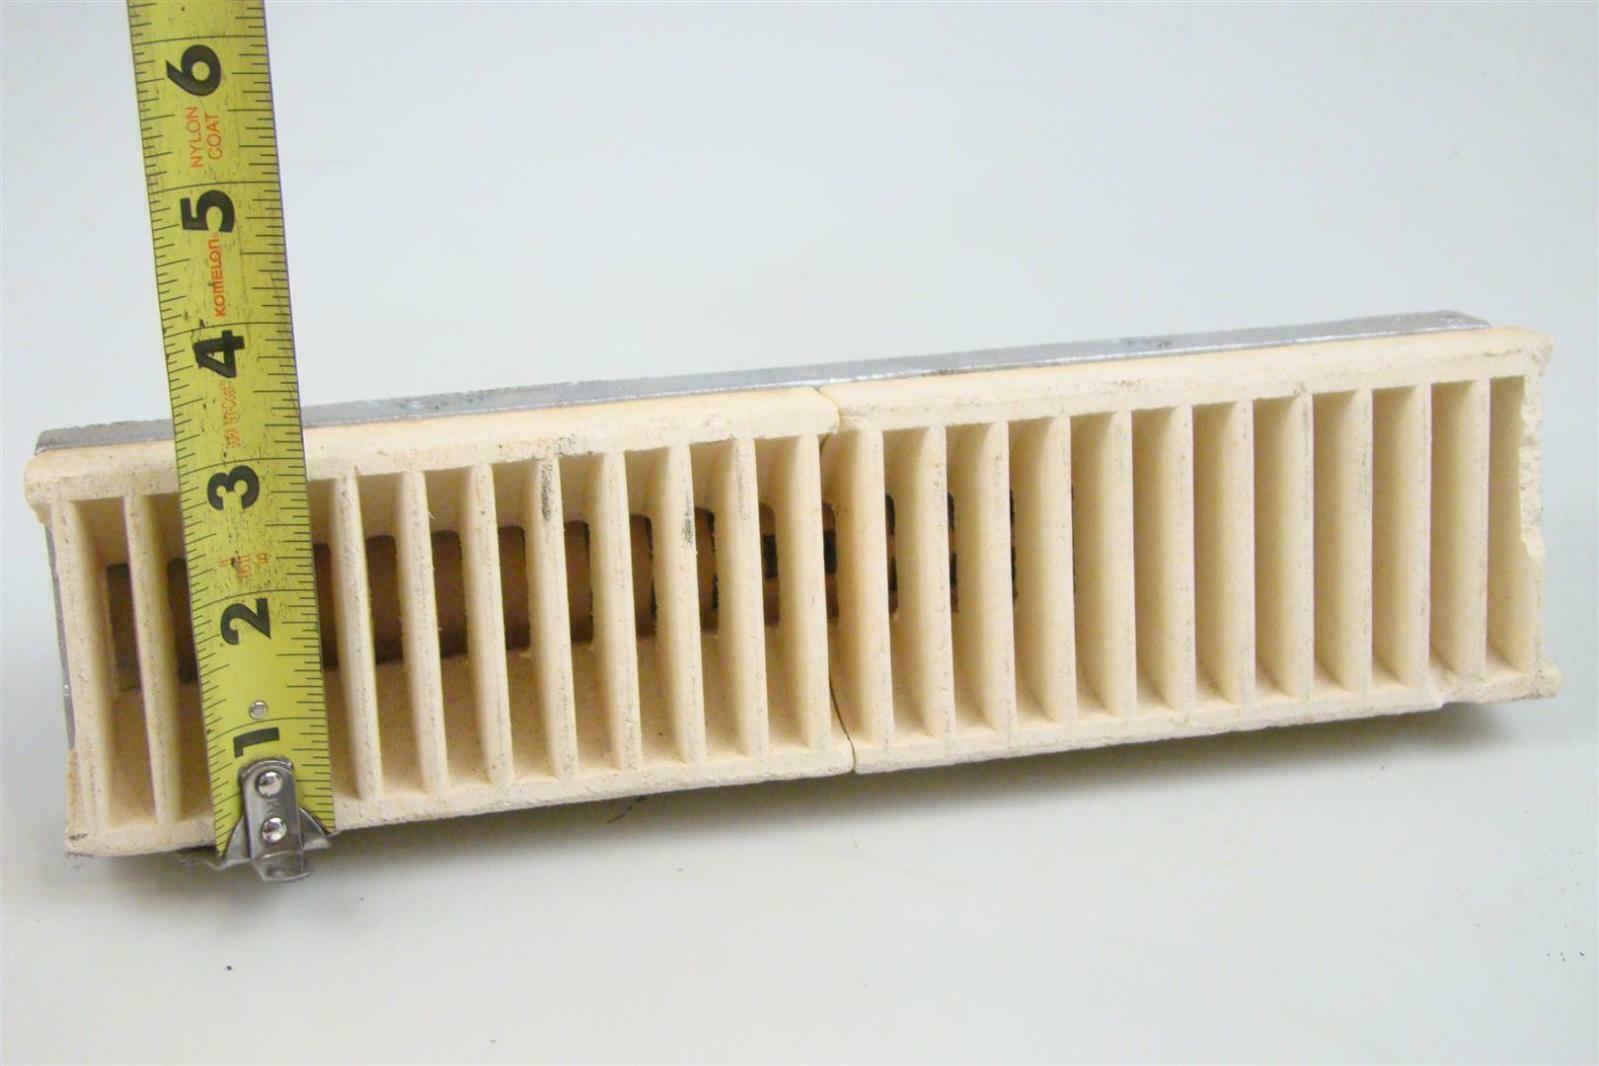 Indesco Ceramic Gas Burner AL-130